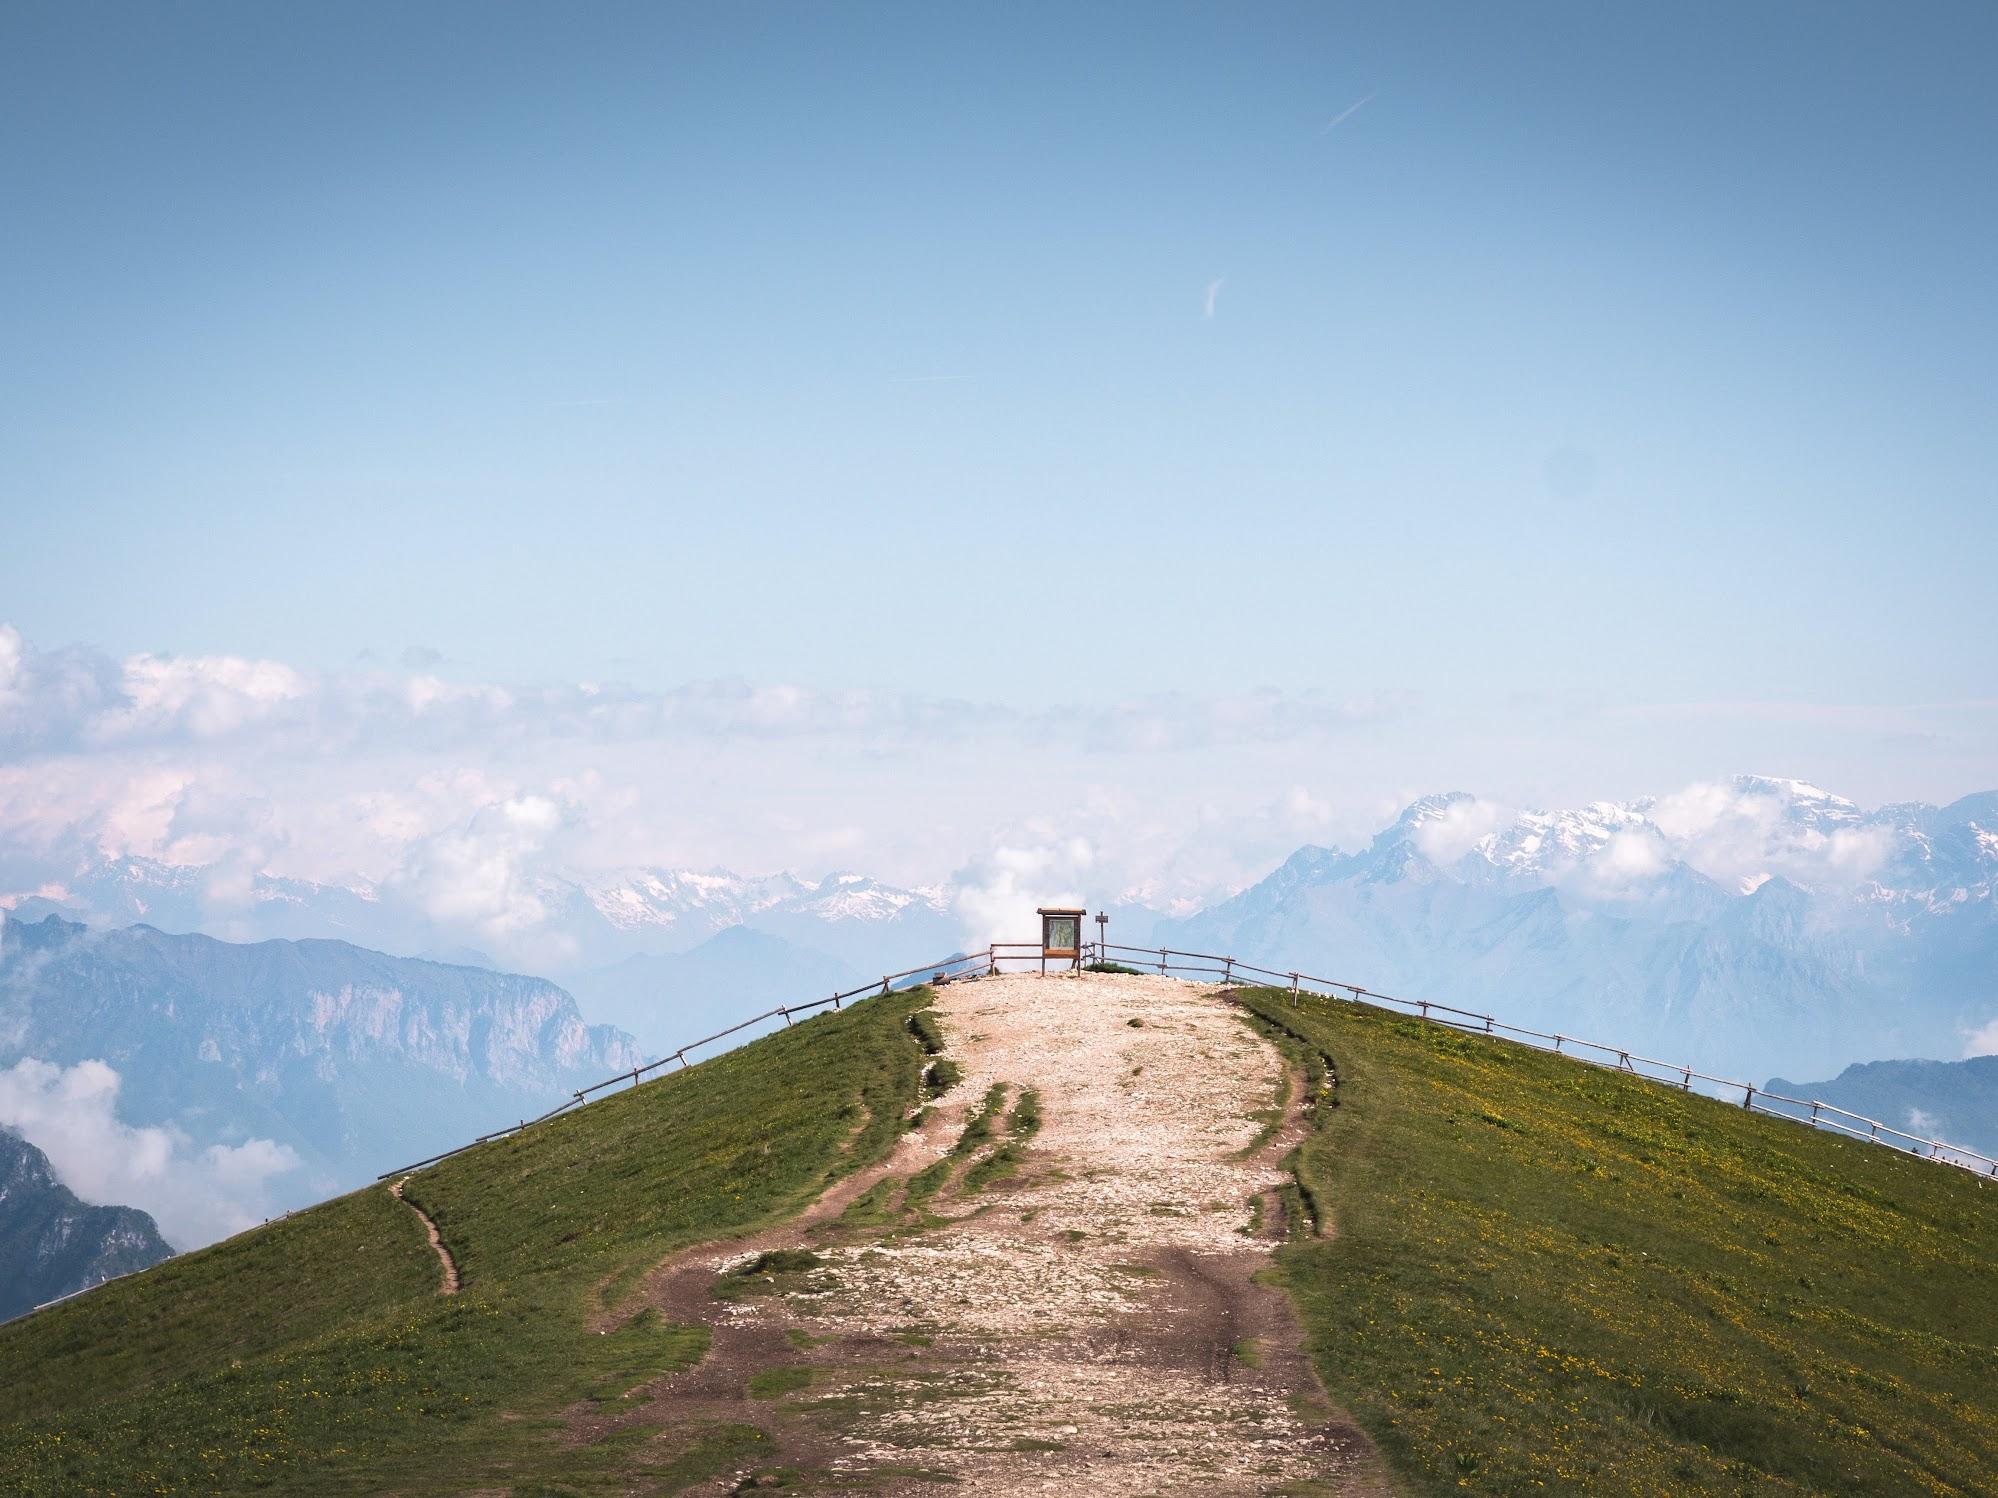 Mt. Baldo viewpoint